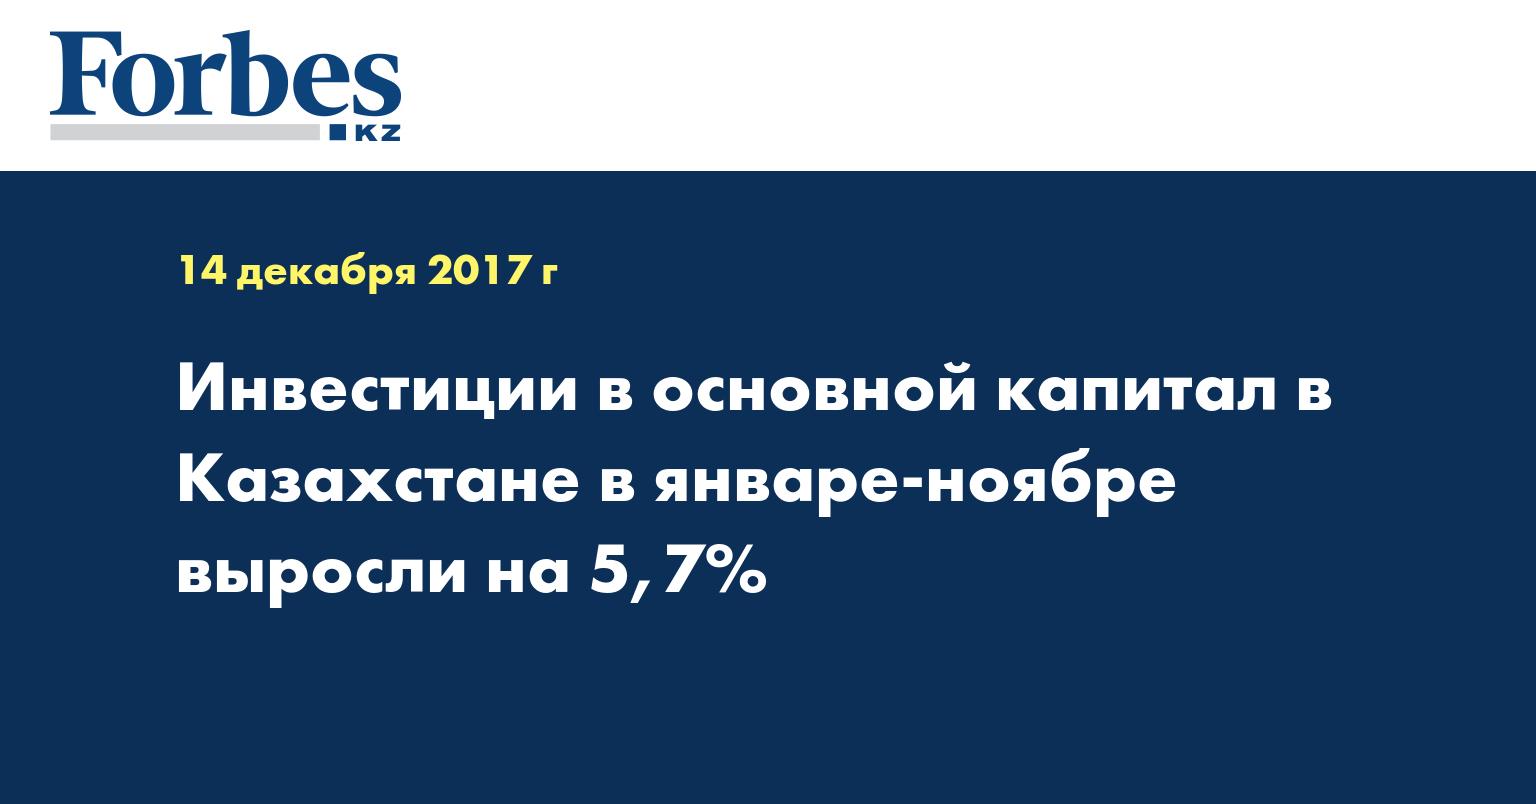 Инвестиции в основной капитал в Казахстане в январе-ноябре выросли на 5,7%